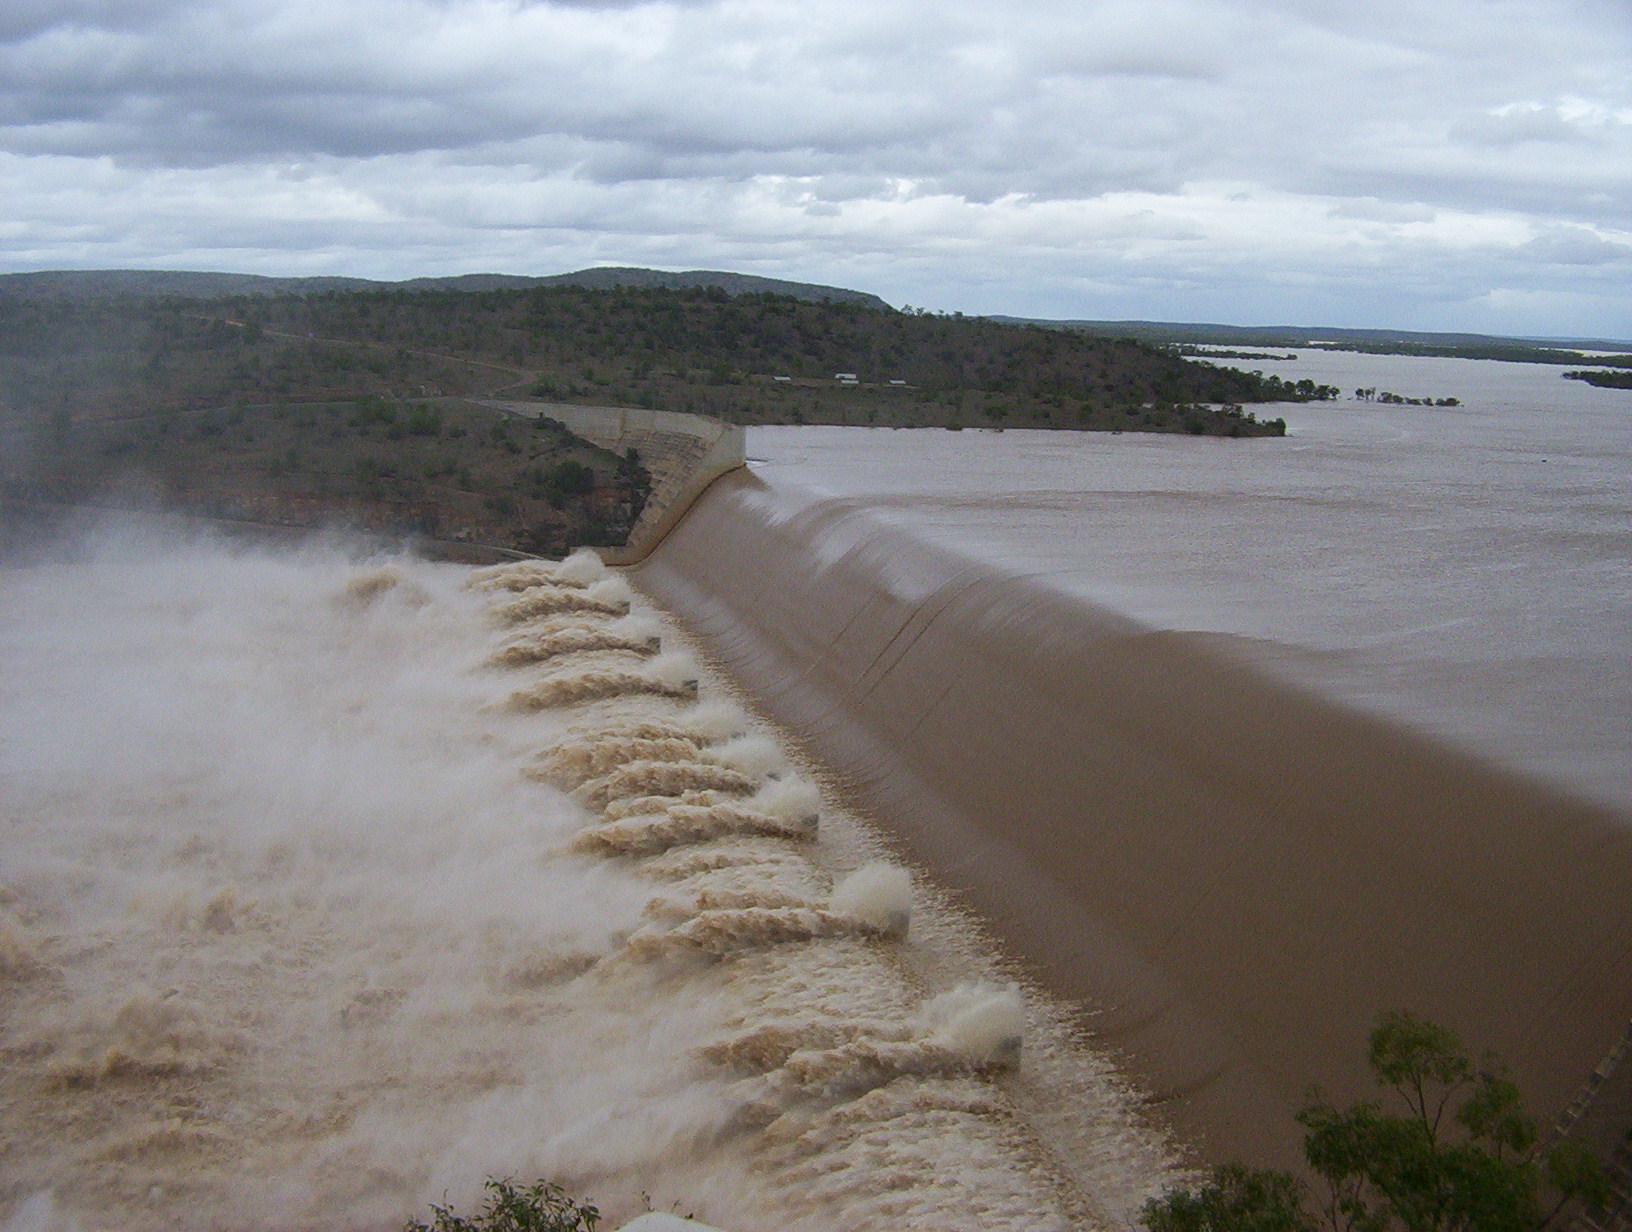 Burdekin Dam Queensland Burdekin Dam is Queensland's